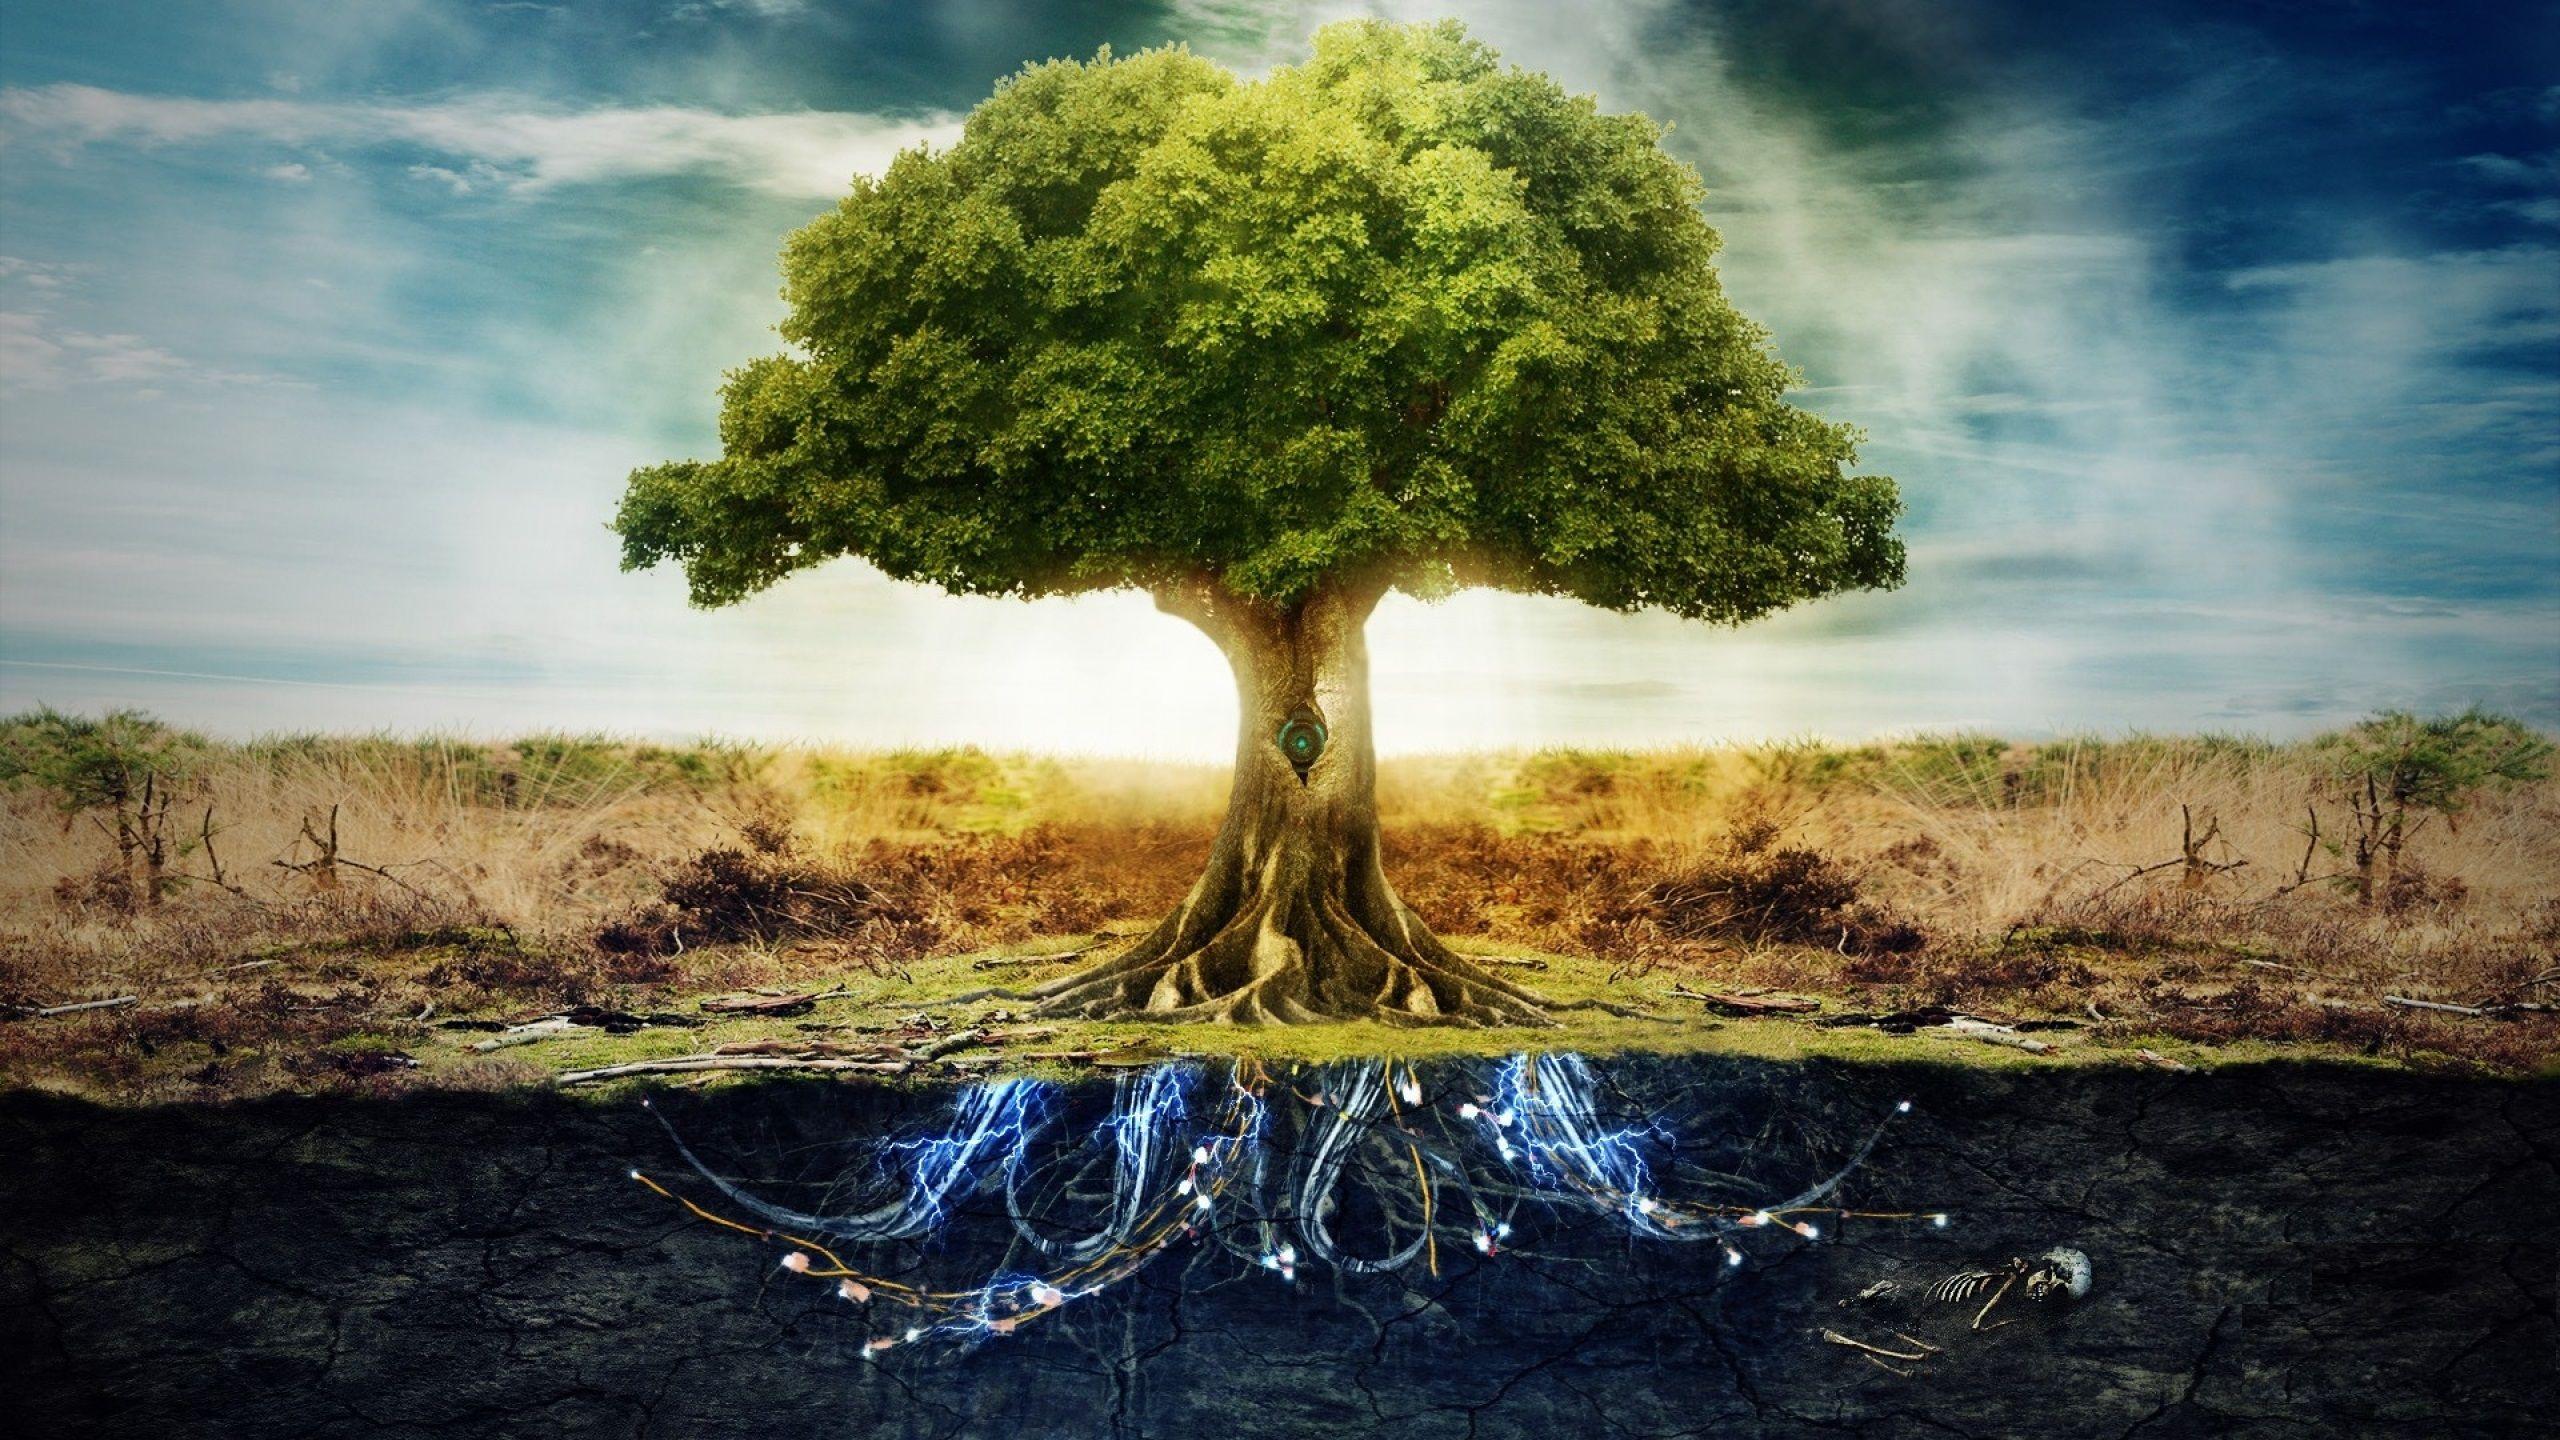 Дерево с электрическими корнями. Разрешение: 2560x1440. # ...